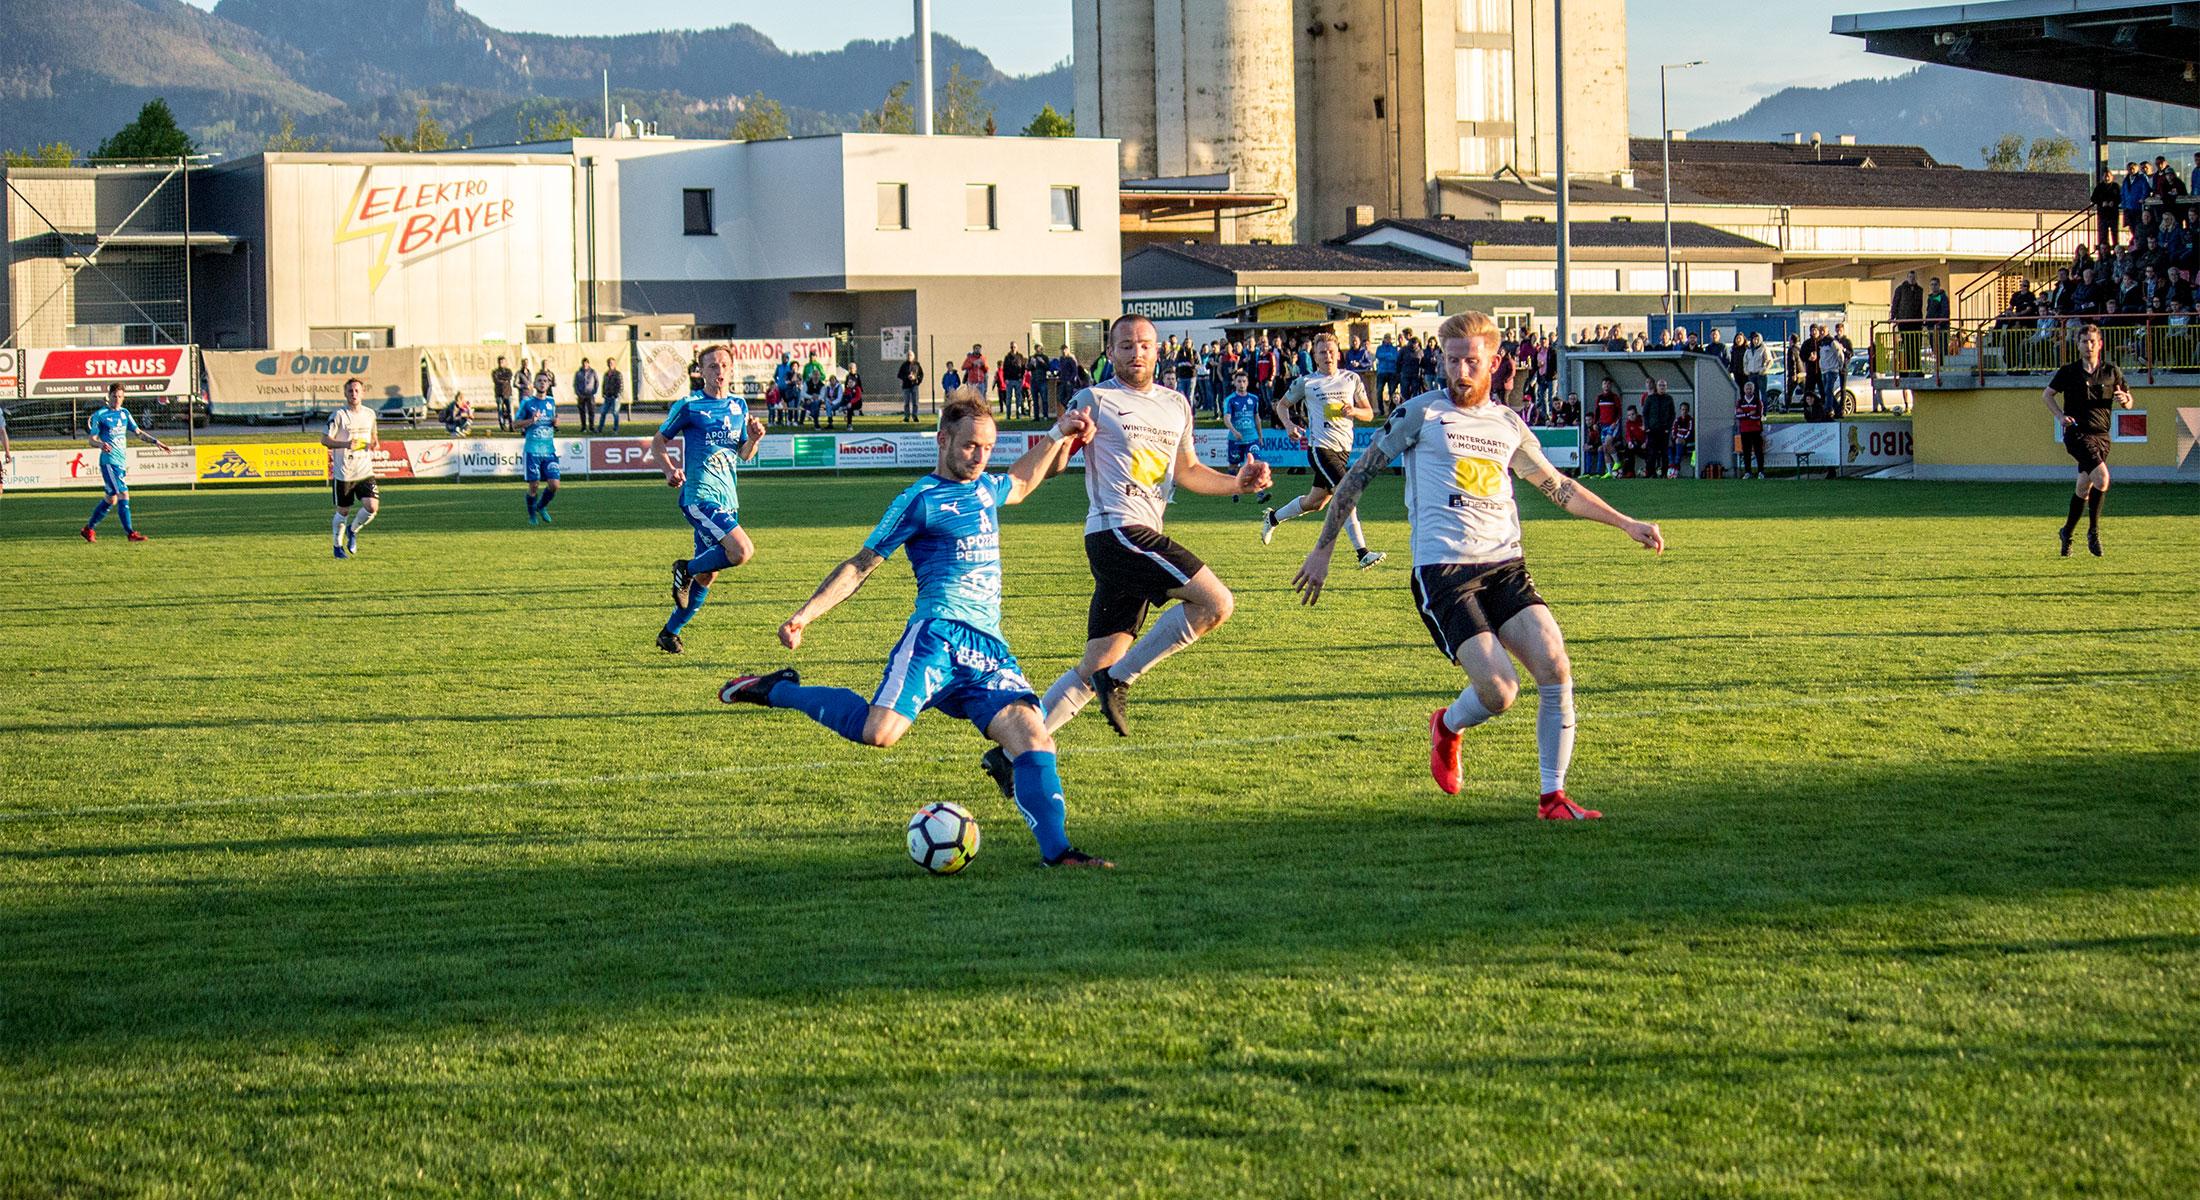 Remis im Derby gegen Vorchdorf